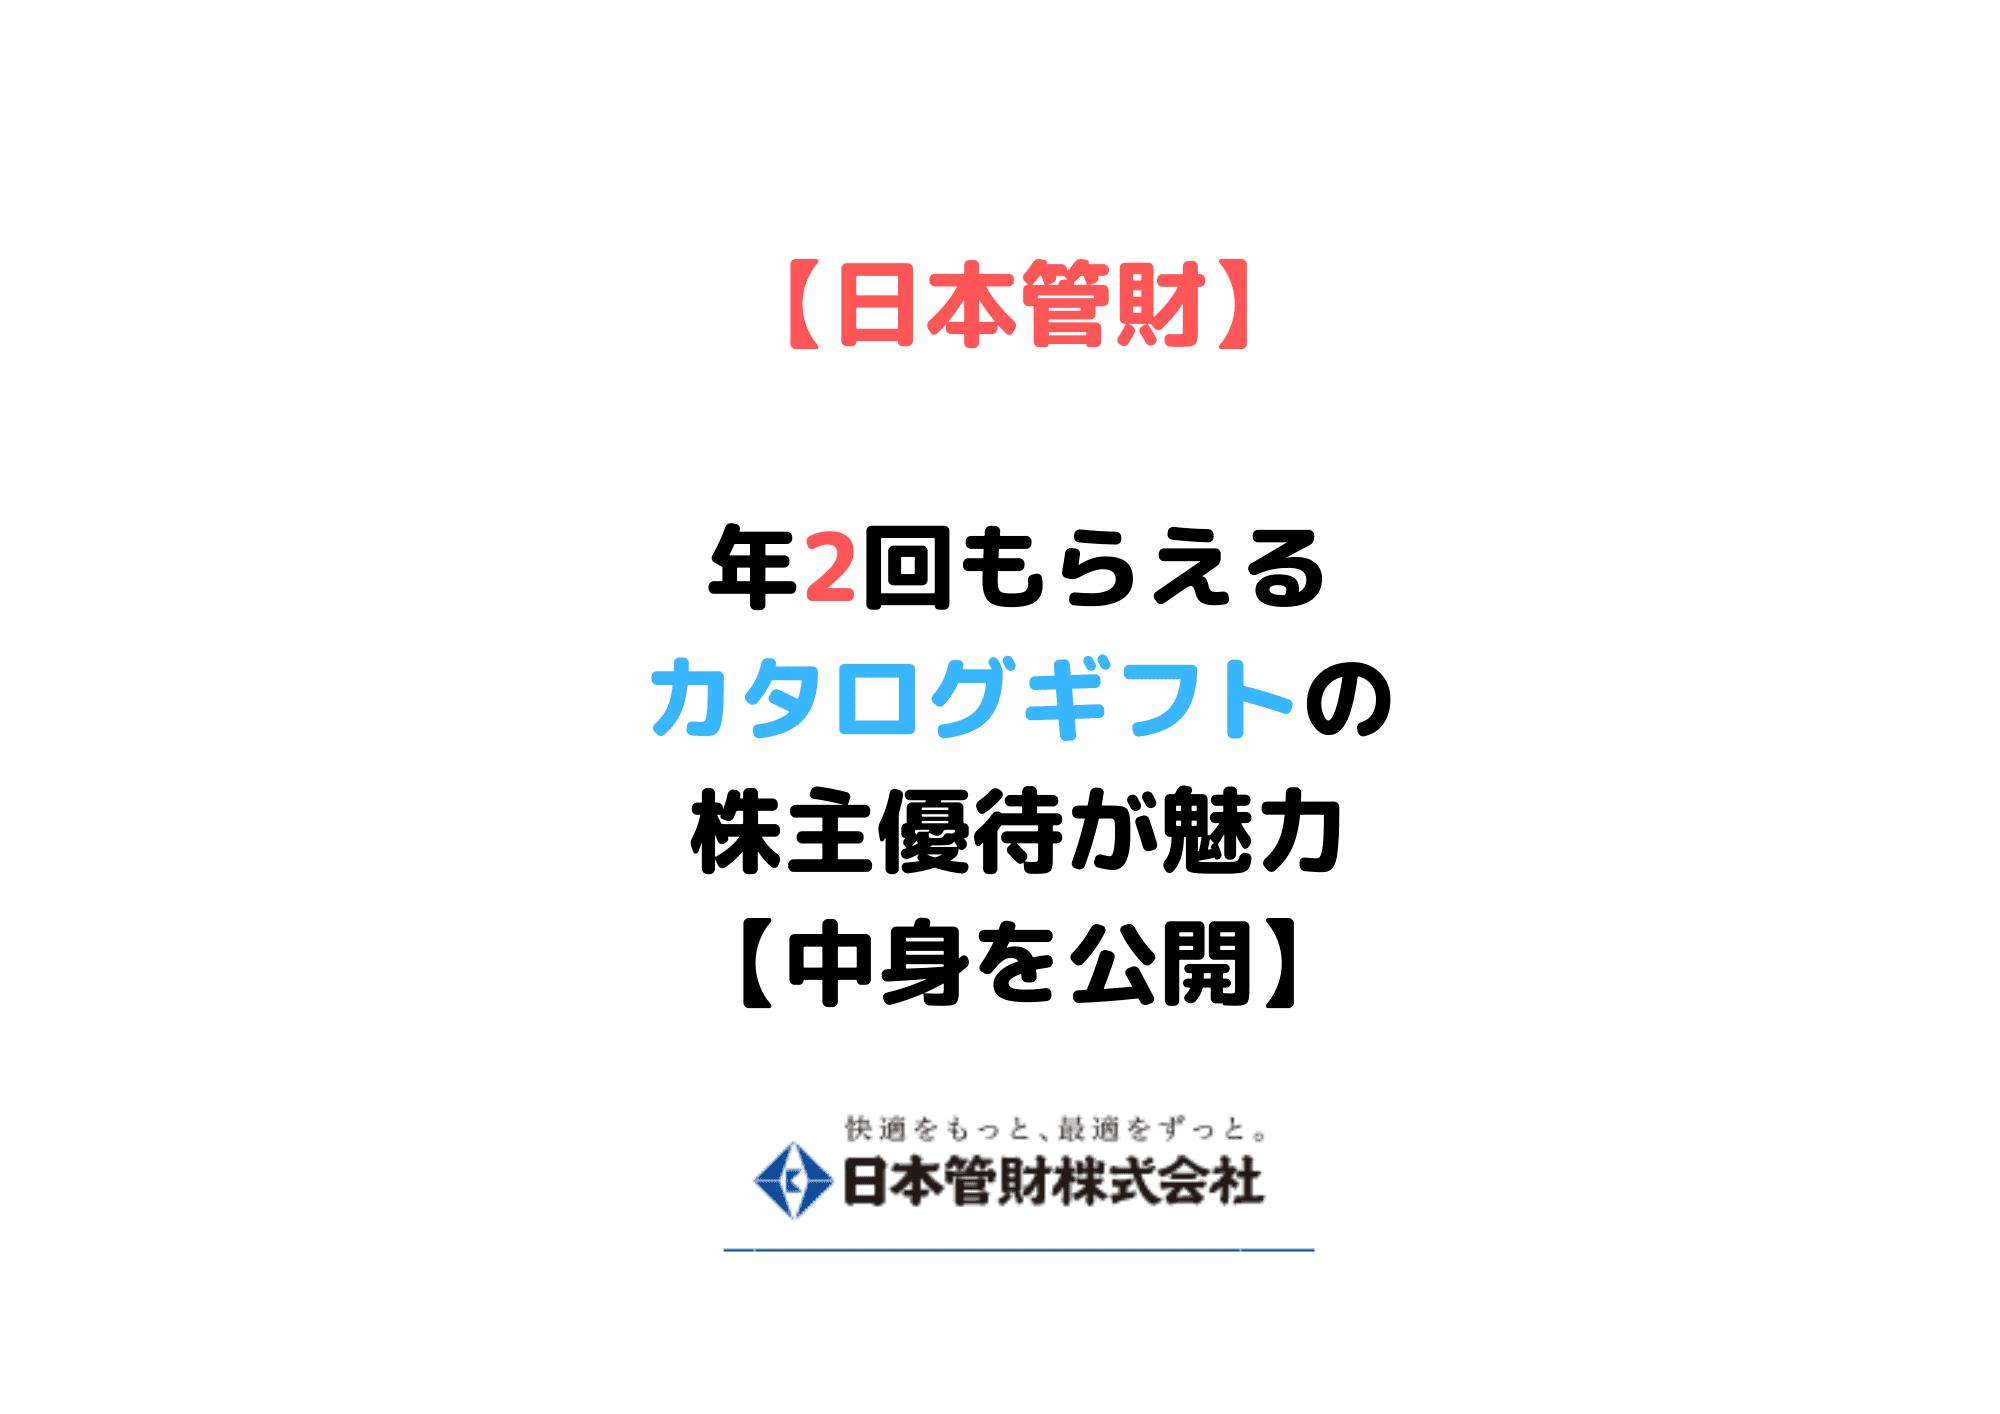 日本管財 2019年 株主優待12